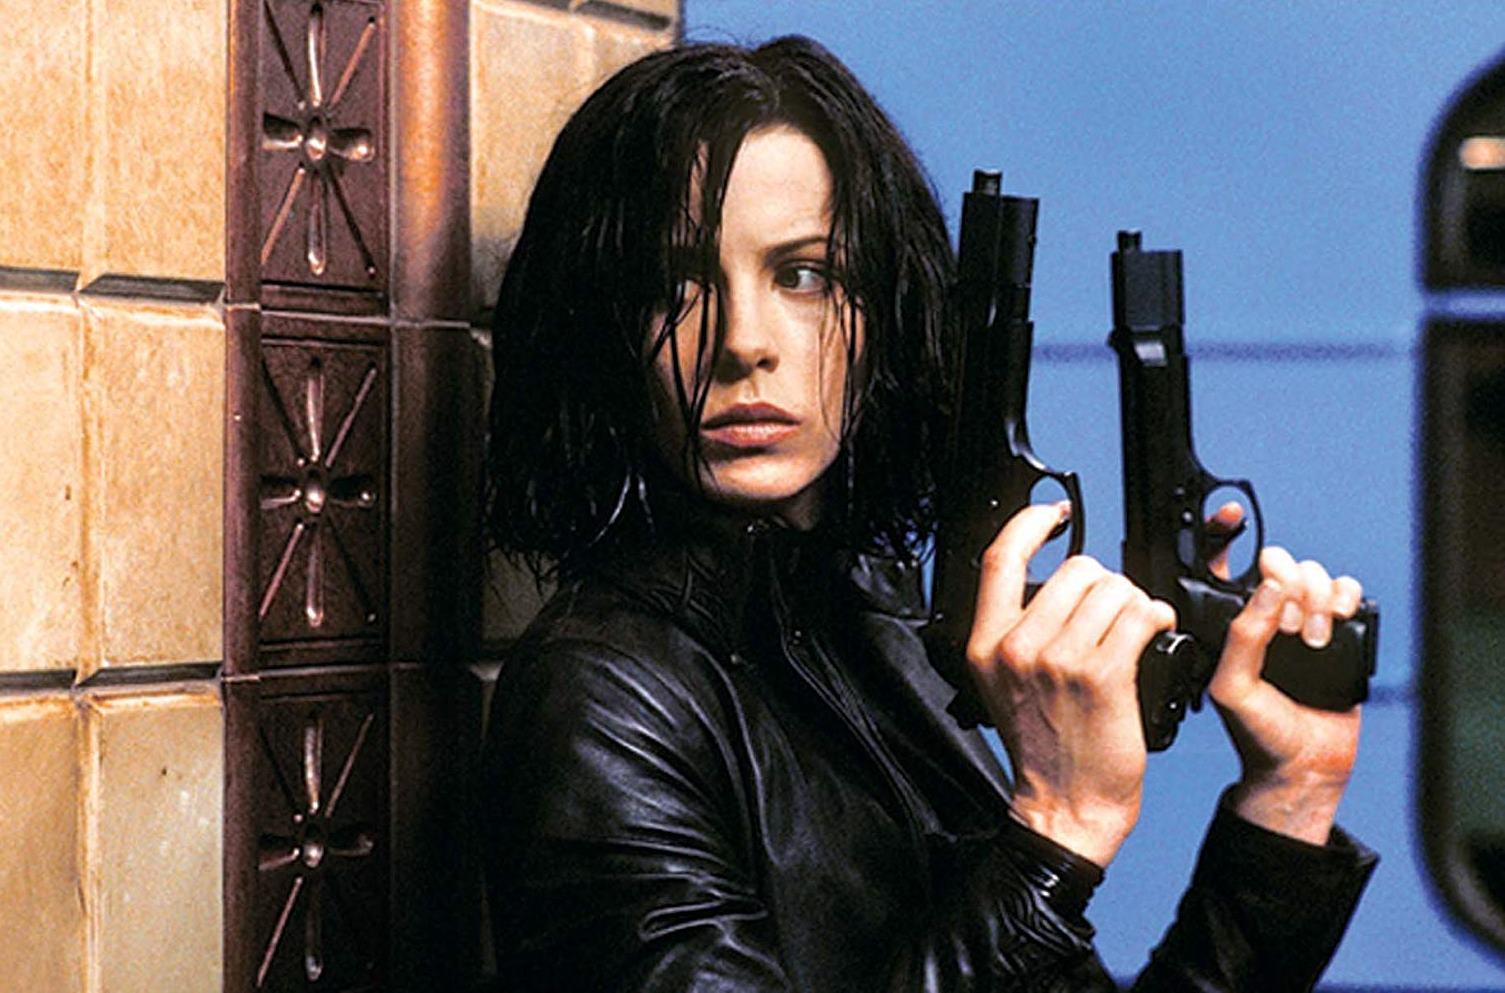 Selene (Kate Beckinsale) ready for action in Underworld (2003)